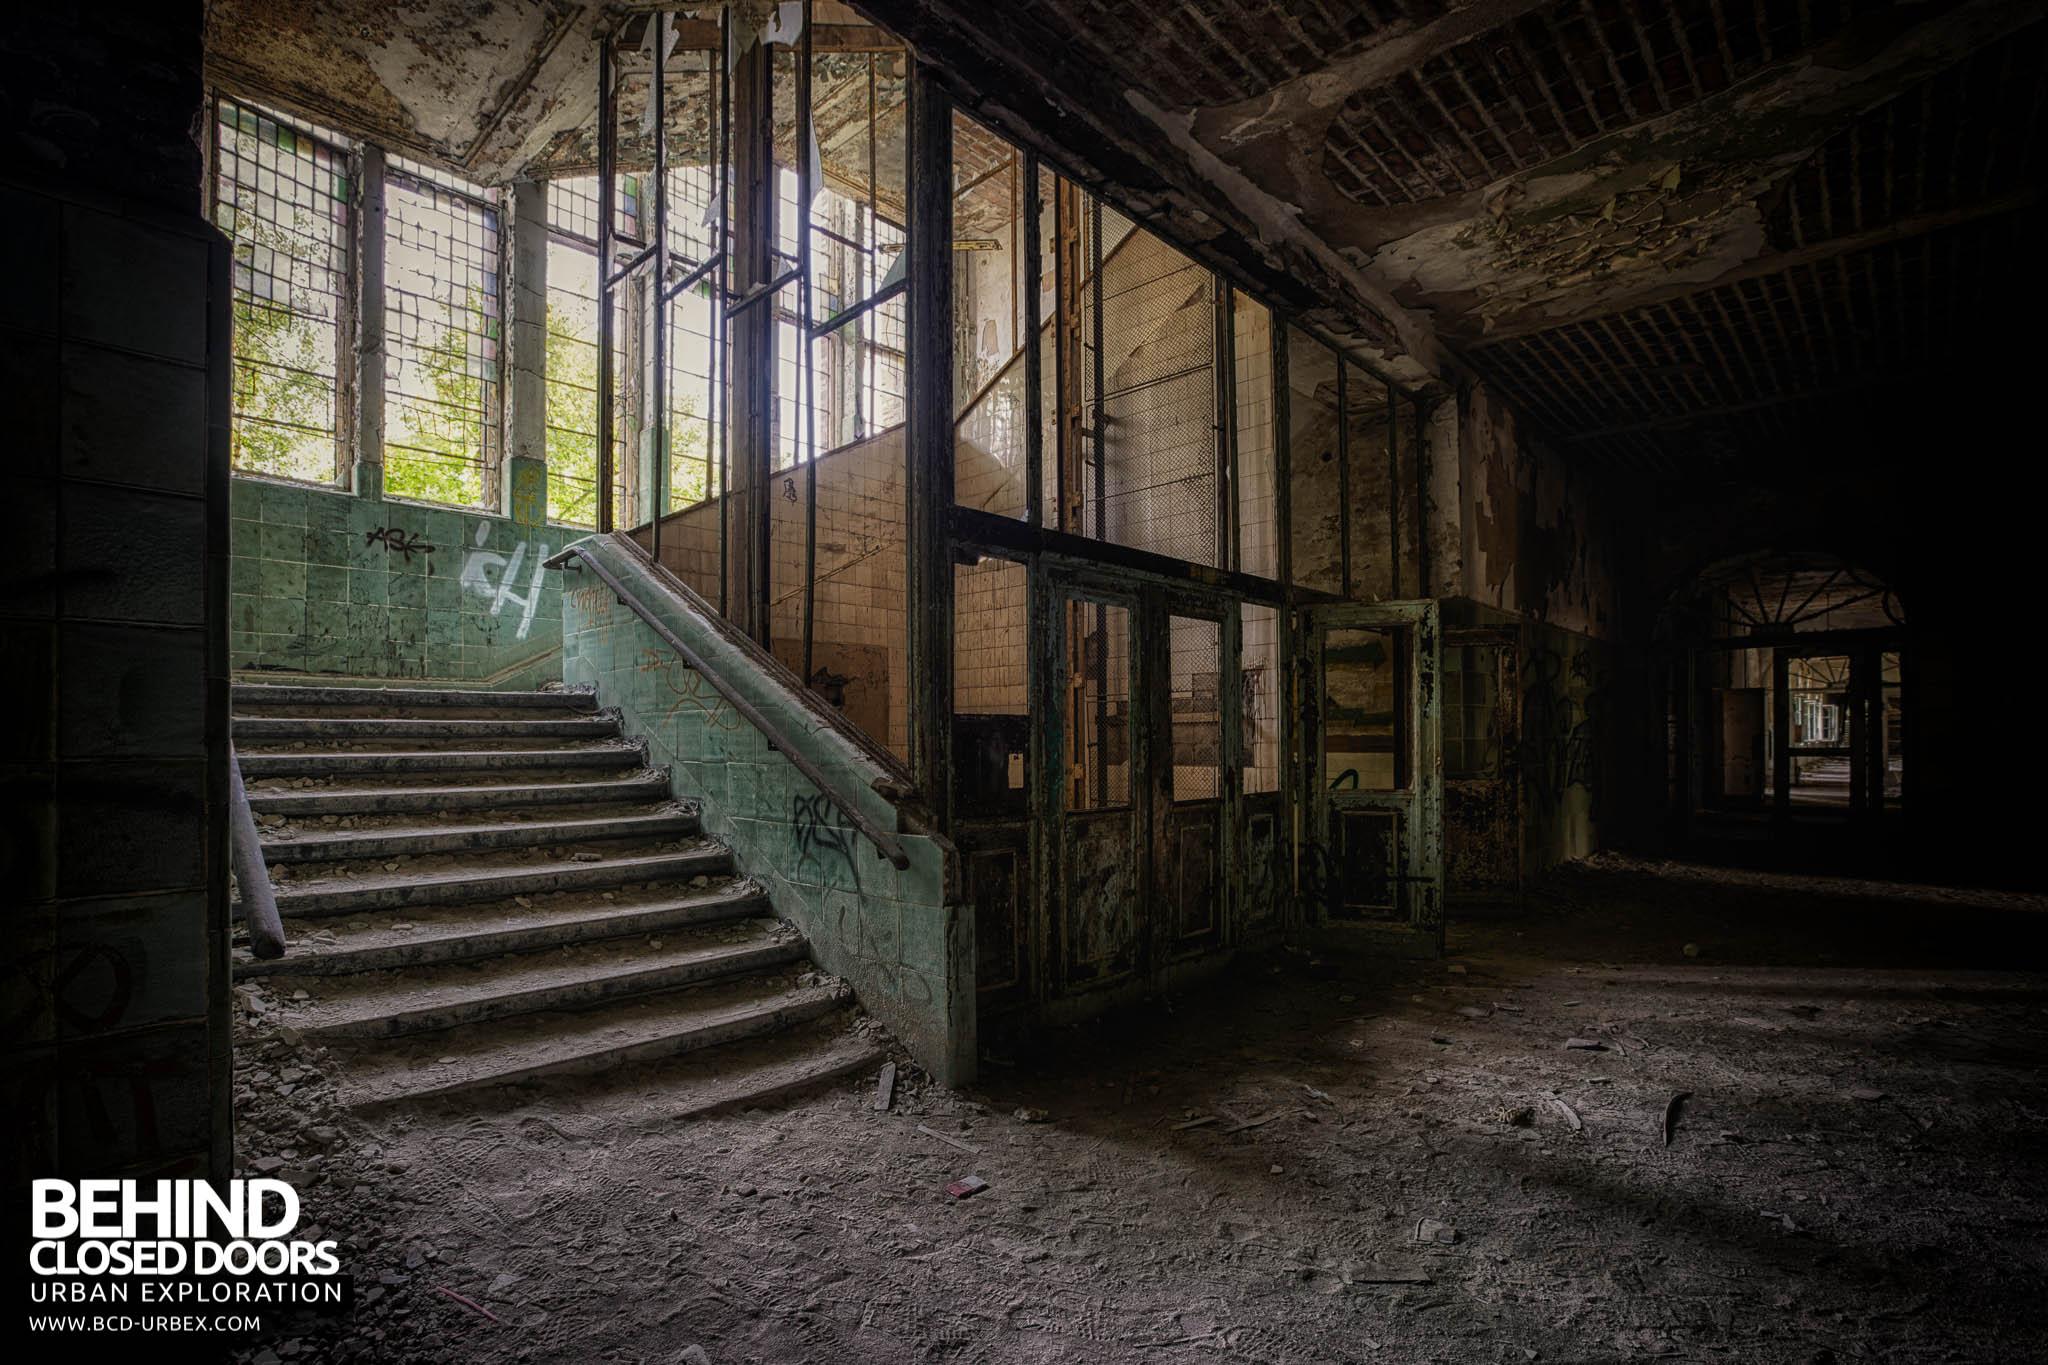 Behind Closed Doors : Beelitz heilstätten women s lung hospital germany